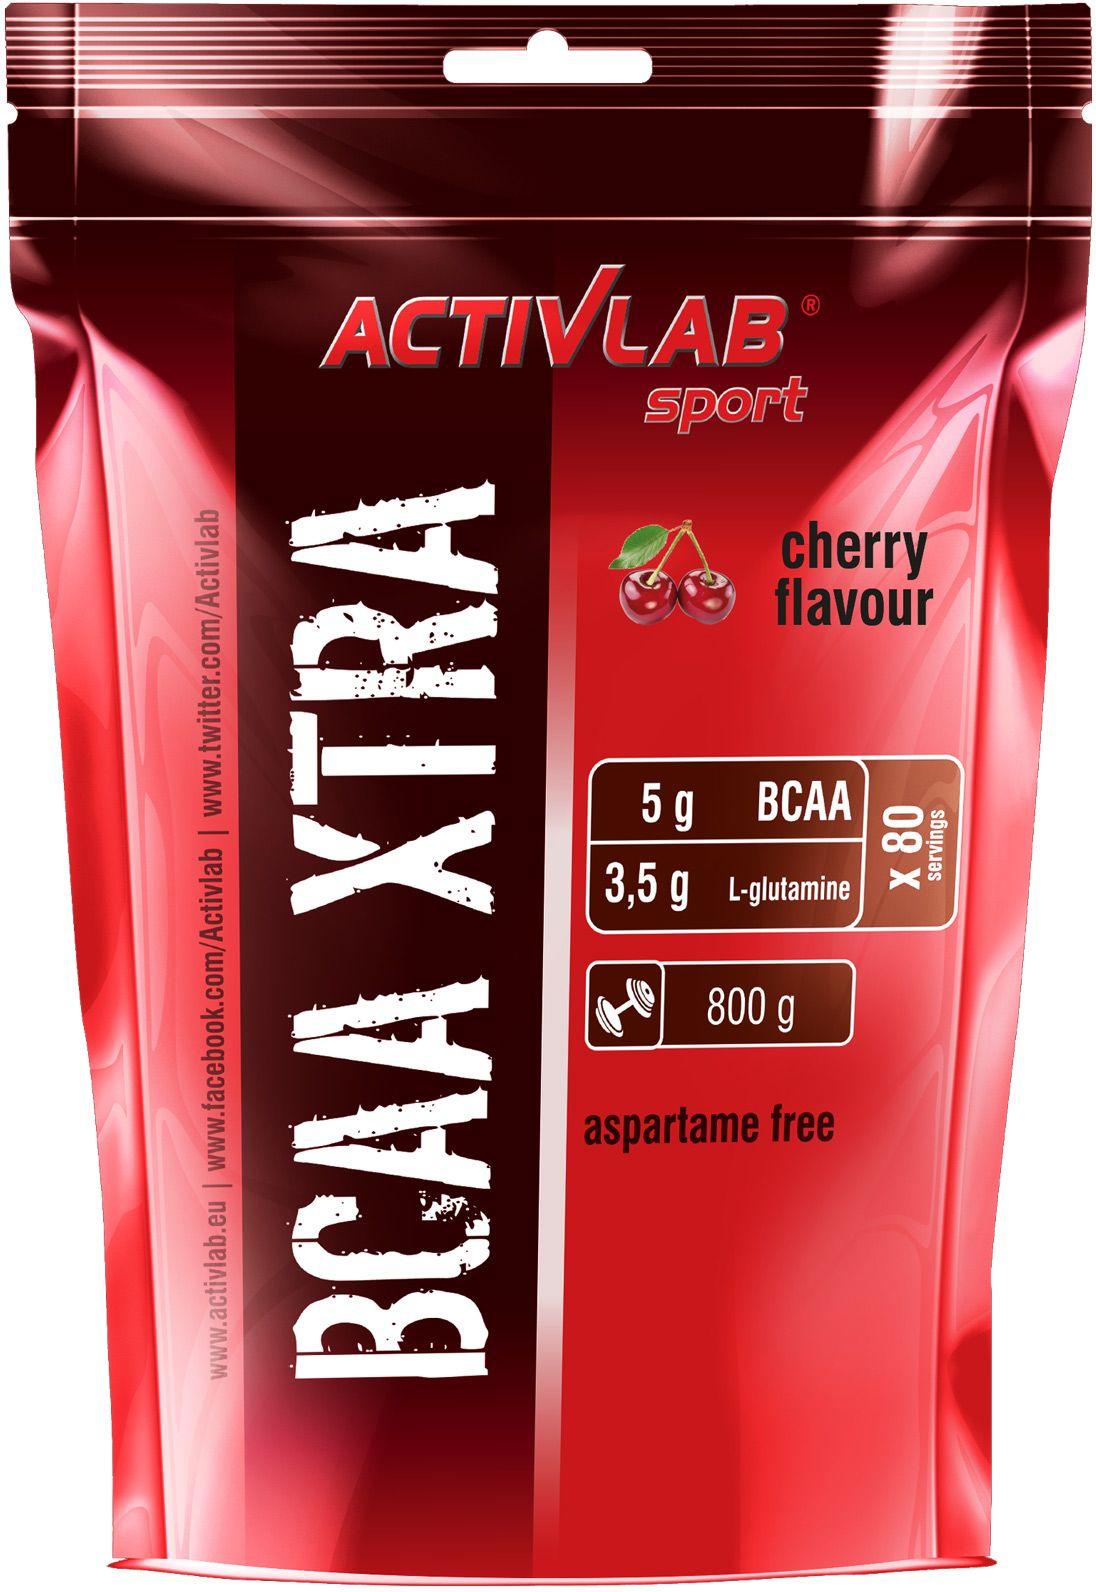 Аминокислоты Activlab BCAA Xtra, вишня, 800 г105241Activlab BCAA Xtra - это аминокислоты BCAA в порошковой форме. Незаменимая добавка, какпри наборе мышечной массы, так и при похудении (сушке). Положительные эффекты: -Ликвидация мышечного катаболизма. - Увеличение количества миофибрилл (гипертрофиямышечных волокон), при условии тренинга. - Уменьшение процента подкожного жира. -Увеличение силовых показателей. - Повышение выносливости, что особенно заметно впоследних повторениях. - Уменьшение порога критической закисляемости мышц лактатом. - Увеличивает процент усвояемости другого спортивного питания при совместном приеме. - Укрепляет структуру ЦНС.Activlab BCAA Xtra ведет к синтезу инсулина, то есть кулучшению усвоения тех или иных микро- и макронутриентов. При комбинированном приеме сдругим спортивным питанием, данная добавка оказывает синергический эффект.Применение: Activlab BCAA Xtra рекомендуется употреблять 2-3 раза в тренировочные дни по 10грамм за прием. Наиболее рационально использовать 1 порцию за 20-30 минут до тренинга и еще1 порцию сразу после, ну а третью можно принять непосредственно во время тренинга. Впроцессе отдыха достаточно будет одной порции сразу после пробуждения. Смешивайтесодержимое добавки в 250 мл воды.Состав (на 1 порцию – 10 г – 2 чайные ложки):энергетическая ценность – 30 ккал, белки – 7.6 г, углеводы – 0 г, жиры – 0 г, глютамин – 3.5 г,лейцин – 2.5 г, валин – 1.25 г, изолейцин – 1.25 г. Ингредиенты: L-глютамин, L-лейцин, L-валин, L-изолейцин, регулятор кислотности, цитрат натрия, ацесульфам калия, краситель E104,краситель E110, пищевой азокраситель E124. Товар сертифицирован.Уважаемые клиенты! Обращаем ваше внимание на то, что упаковка может иметь несколько видов дизайна. Поставка осуществляется в зависимости от наличия на складе.Как повысить эффективность тренировок с помощью спортивного питания? Статья OZON Гид